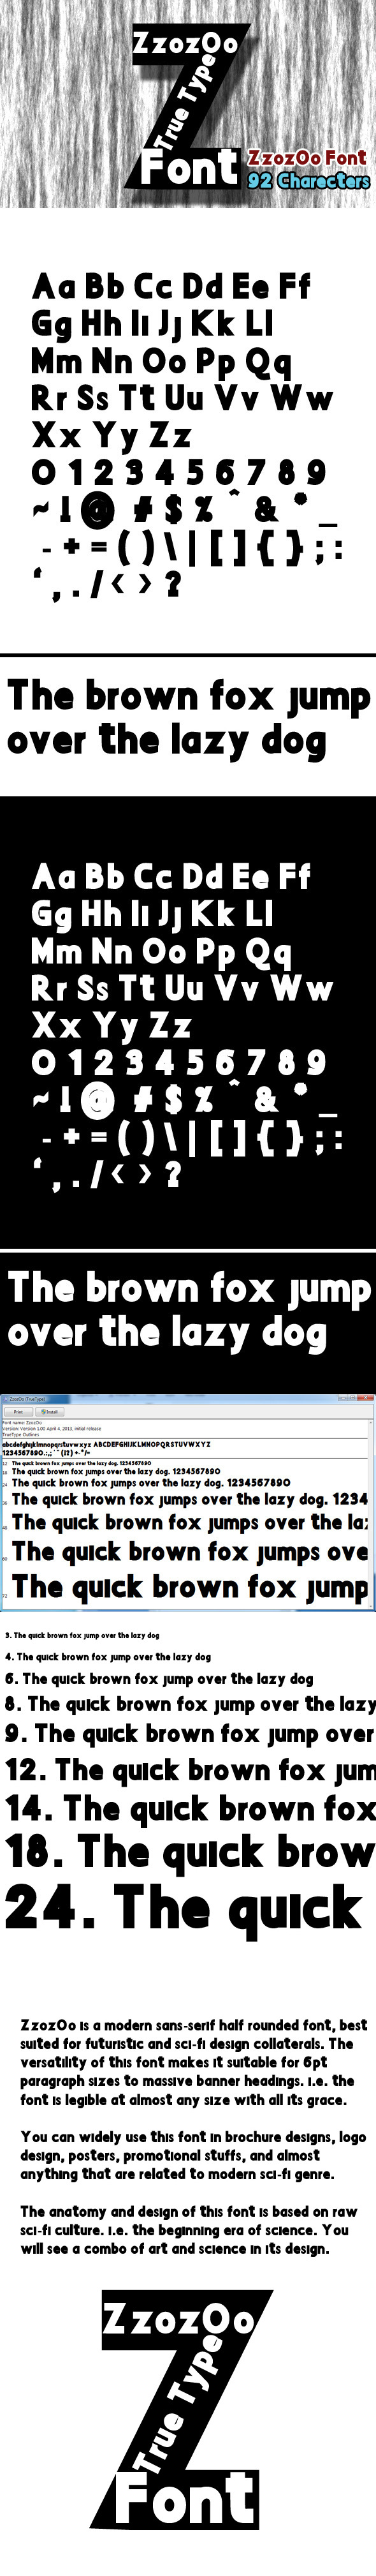 Zzozoo Font